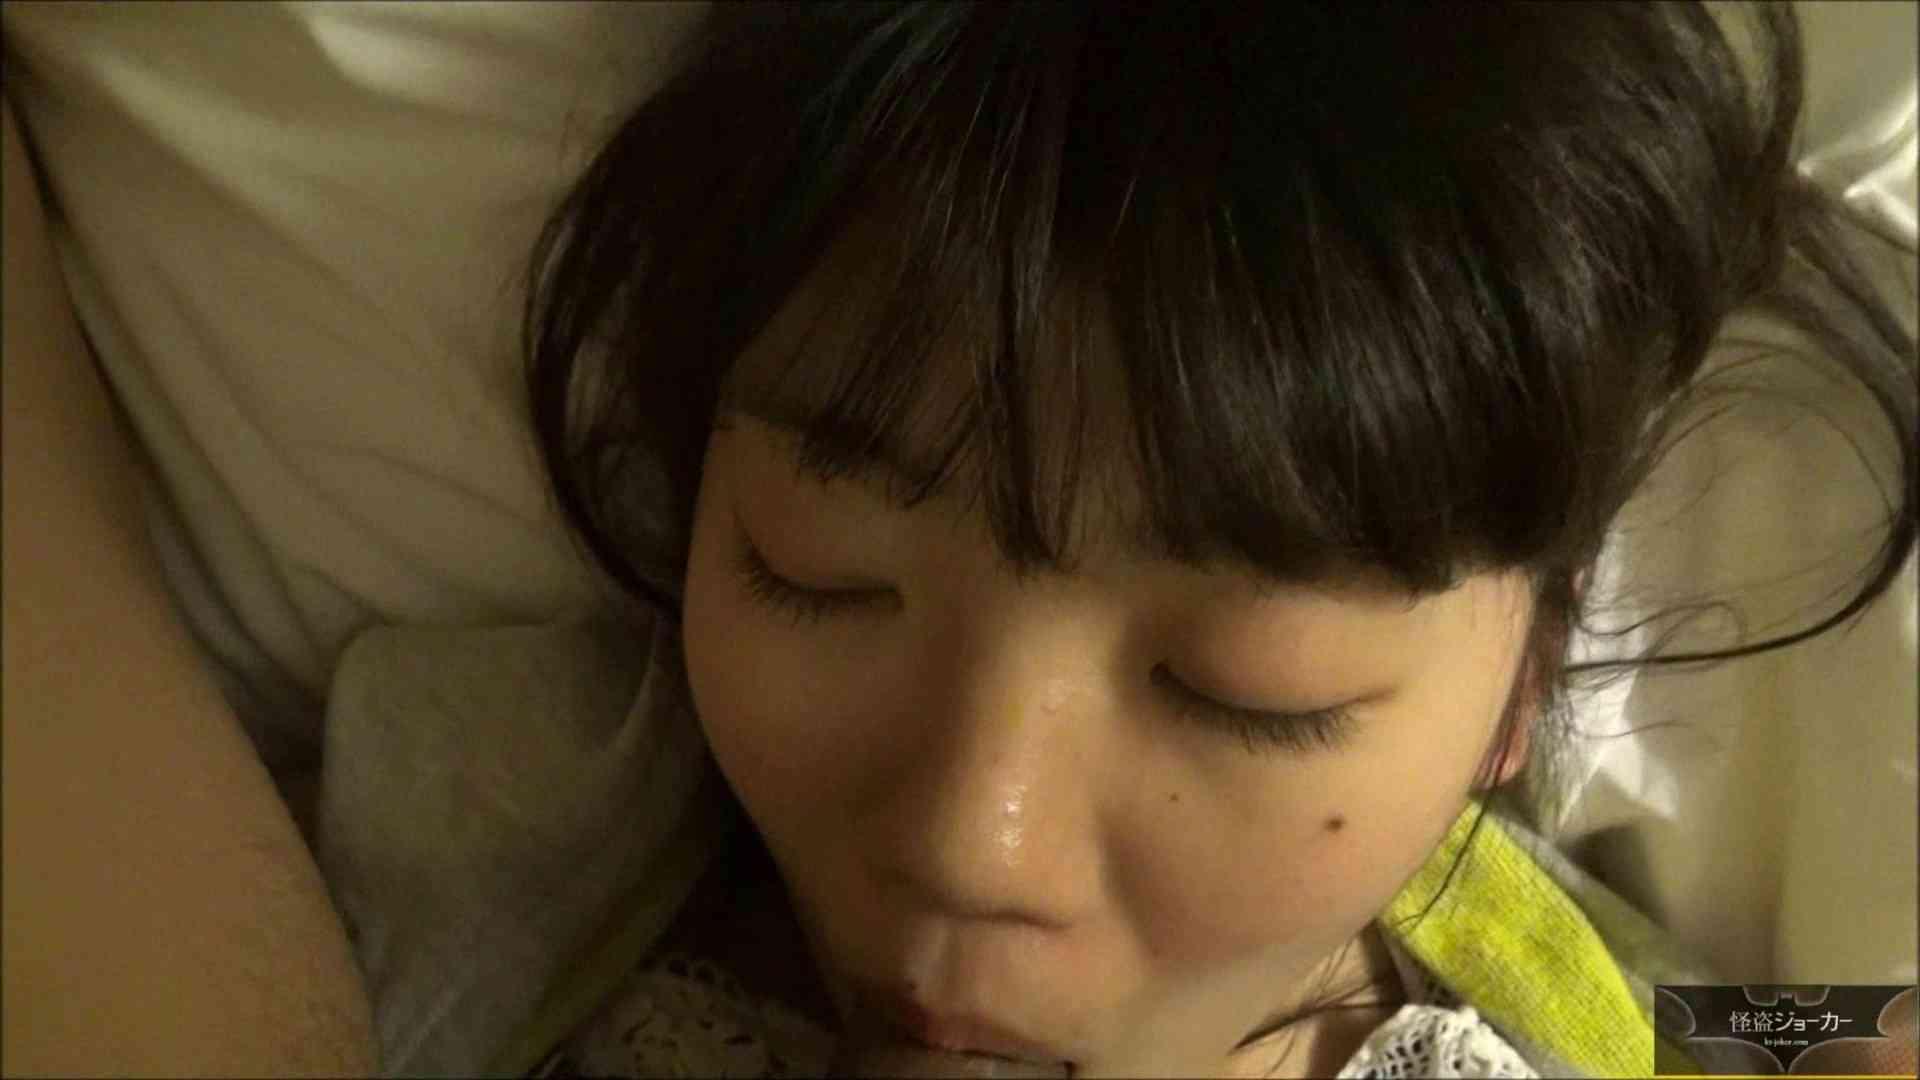 【未公開】vol.75 {関東某有名お嬢様JD}yuunaちゃん① ホテル  66Pix 56